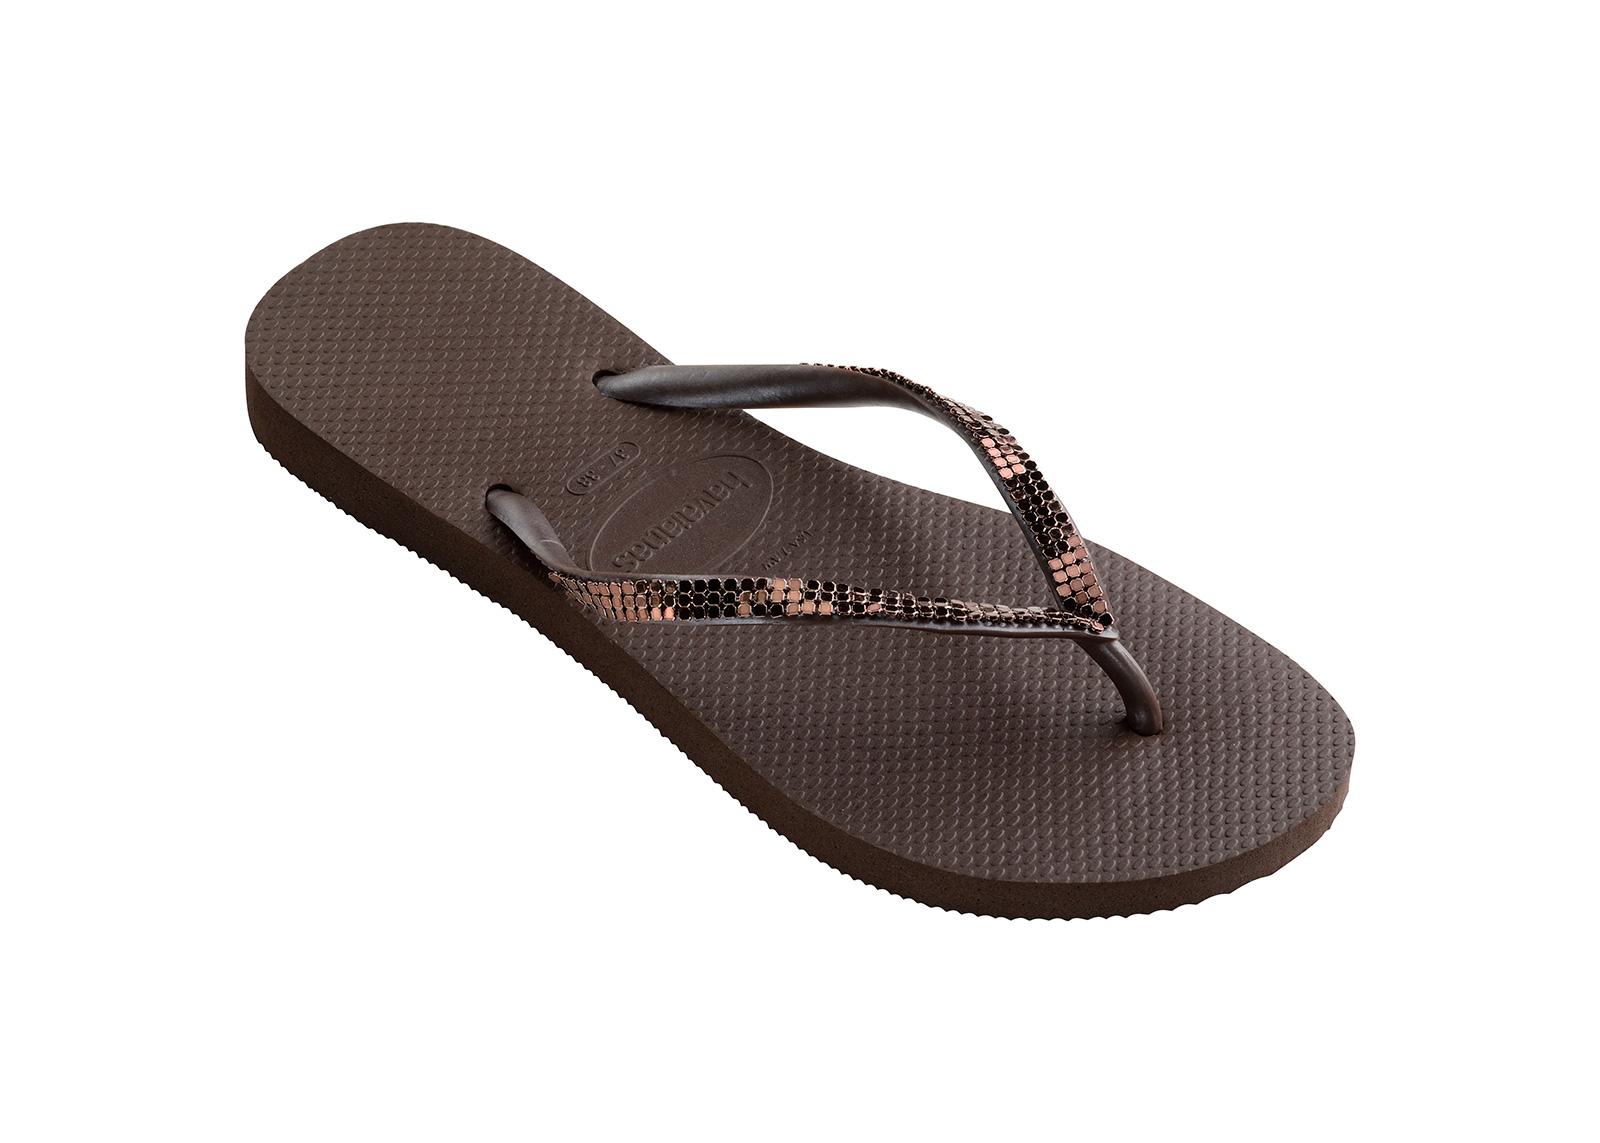 67f285cdd32669 Flip-Flops Flip-flops - Havaianas Slim Metal Mesh Dark Brown